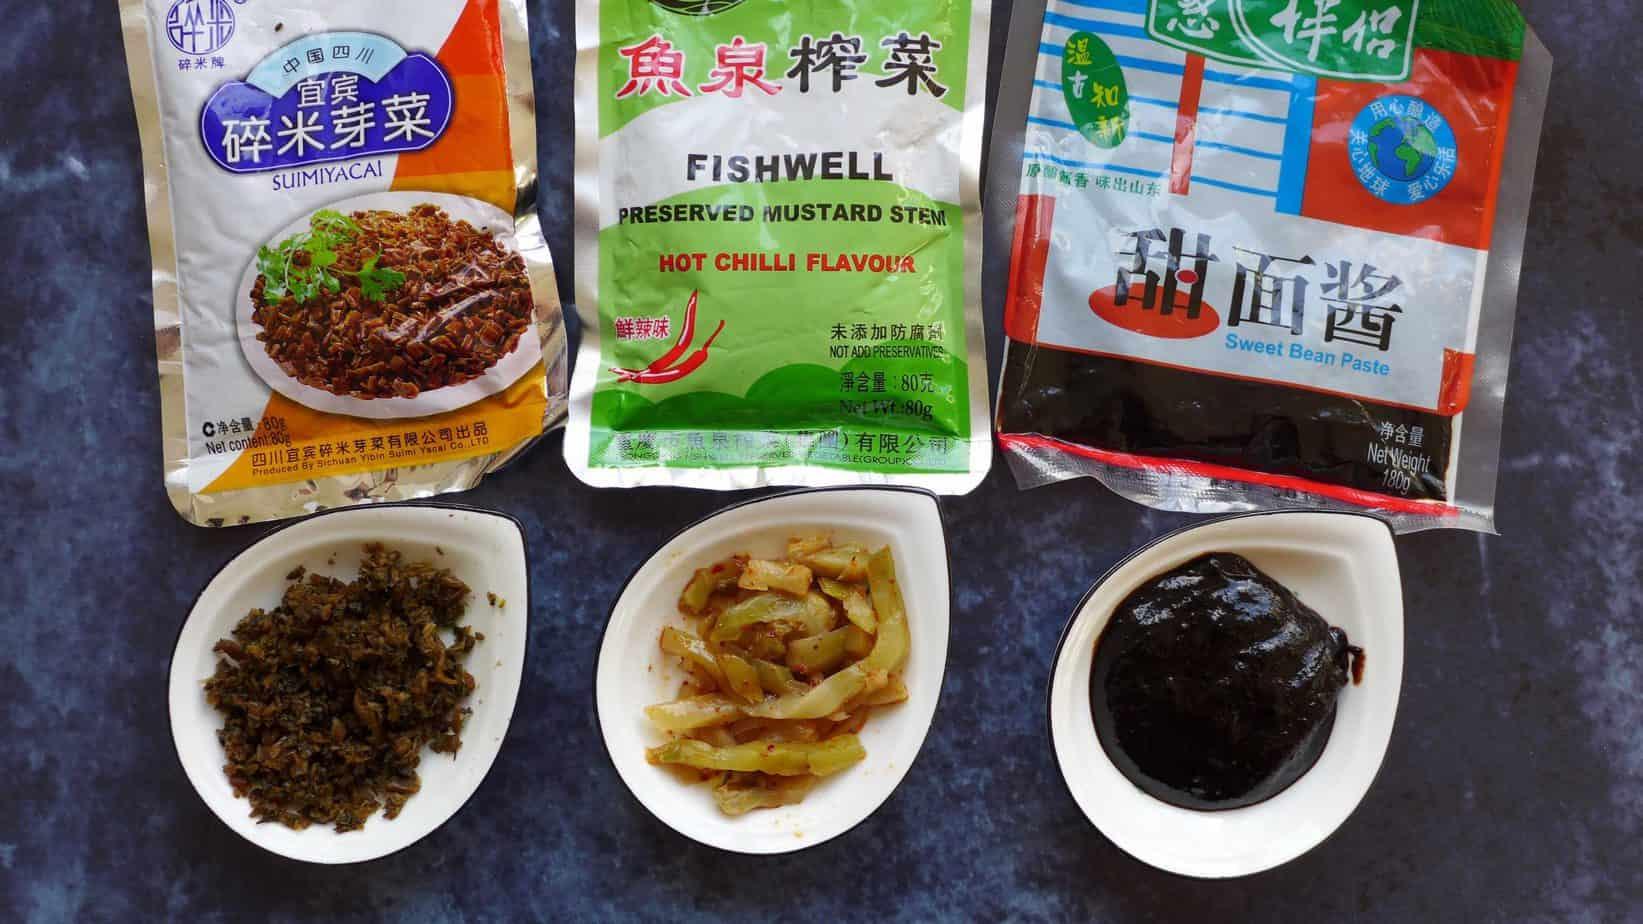 Packets of Yacai, Zhaicai & Tianmianjiang